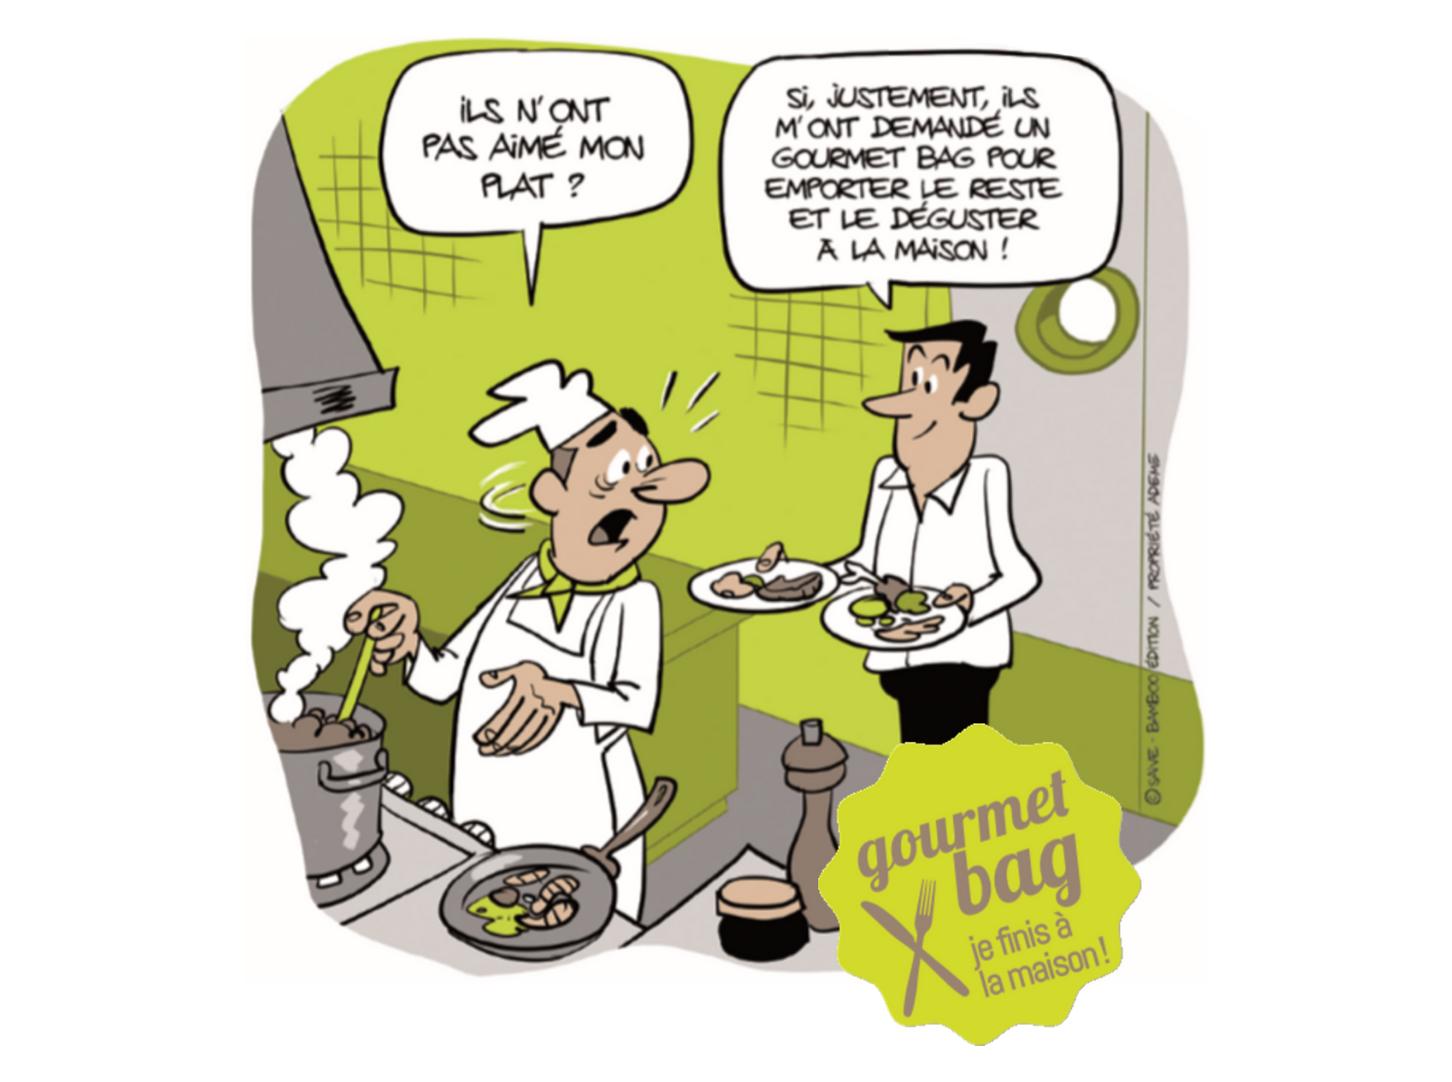 BD 5 Gourmet Bag ©ADEME